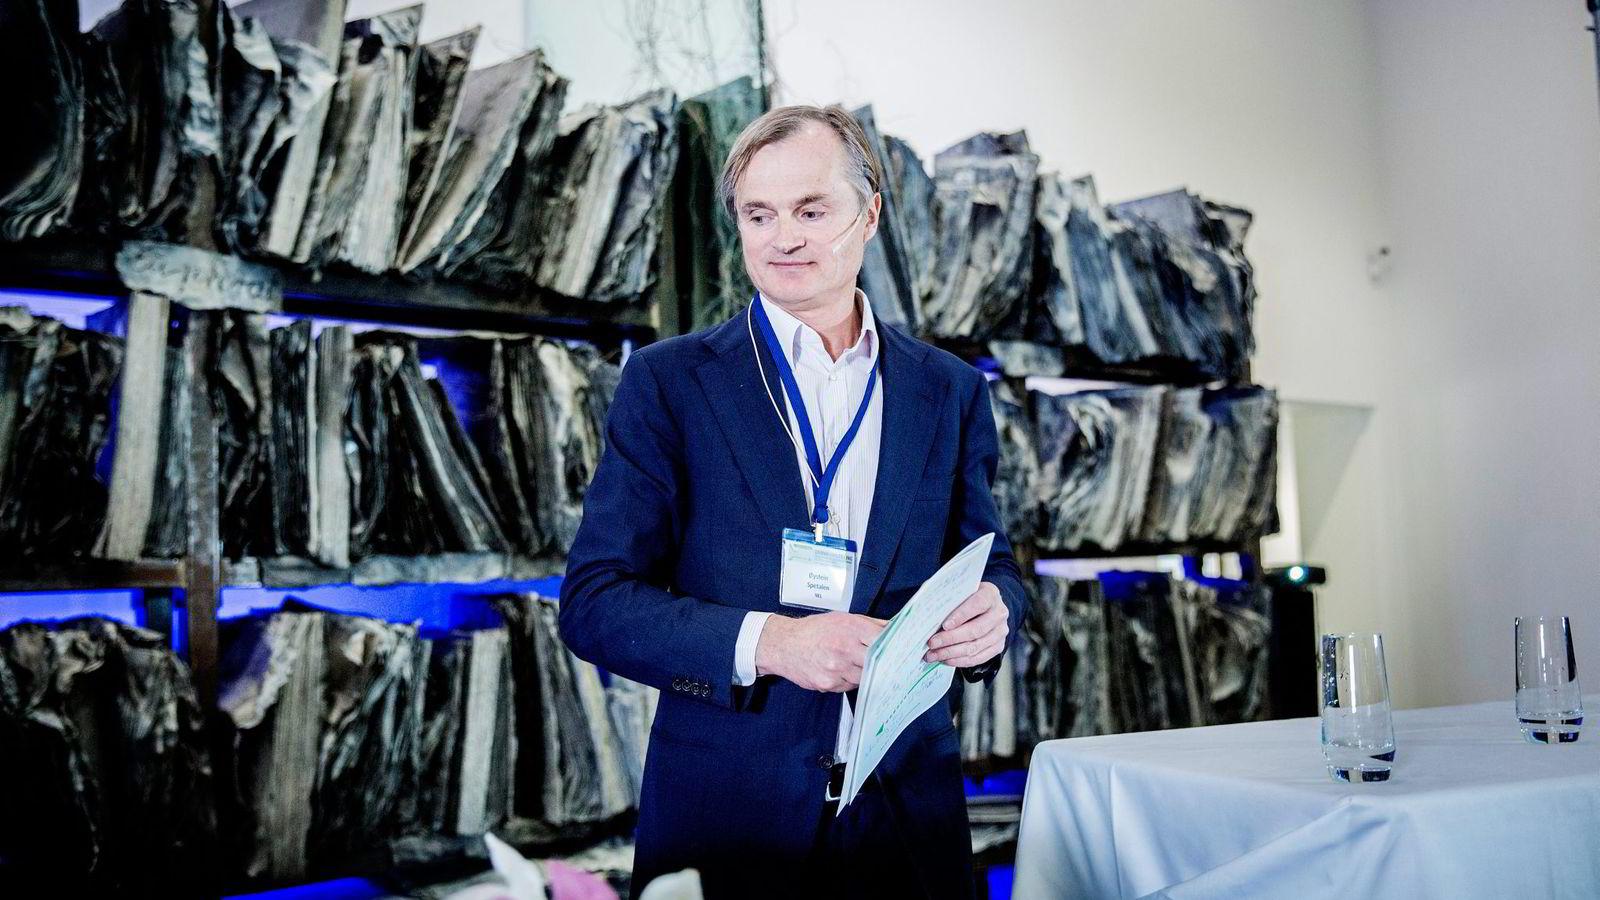 Investor Øystein Stray Spetalen nekter myndighetene tilgang til 820 eposter han mener er advokatkorrespondanse. Foto: Fredrik Bjerknes